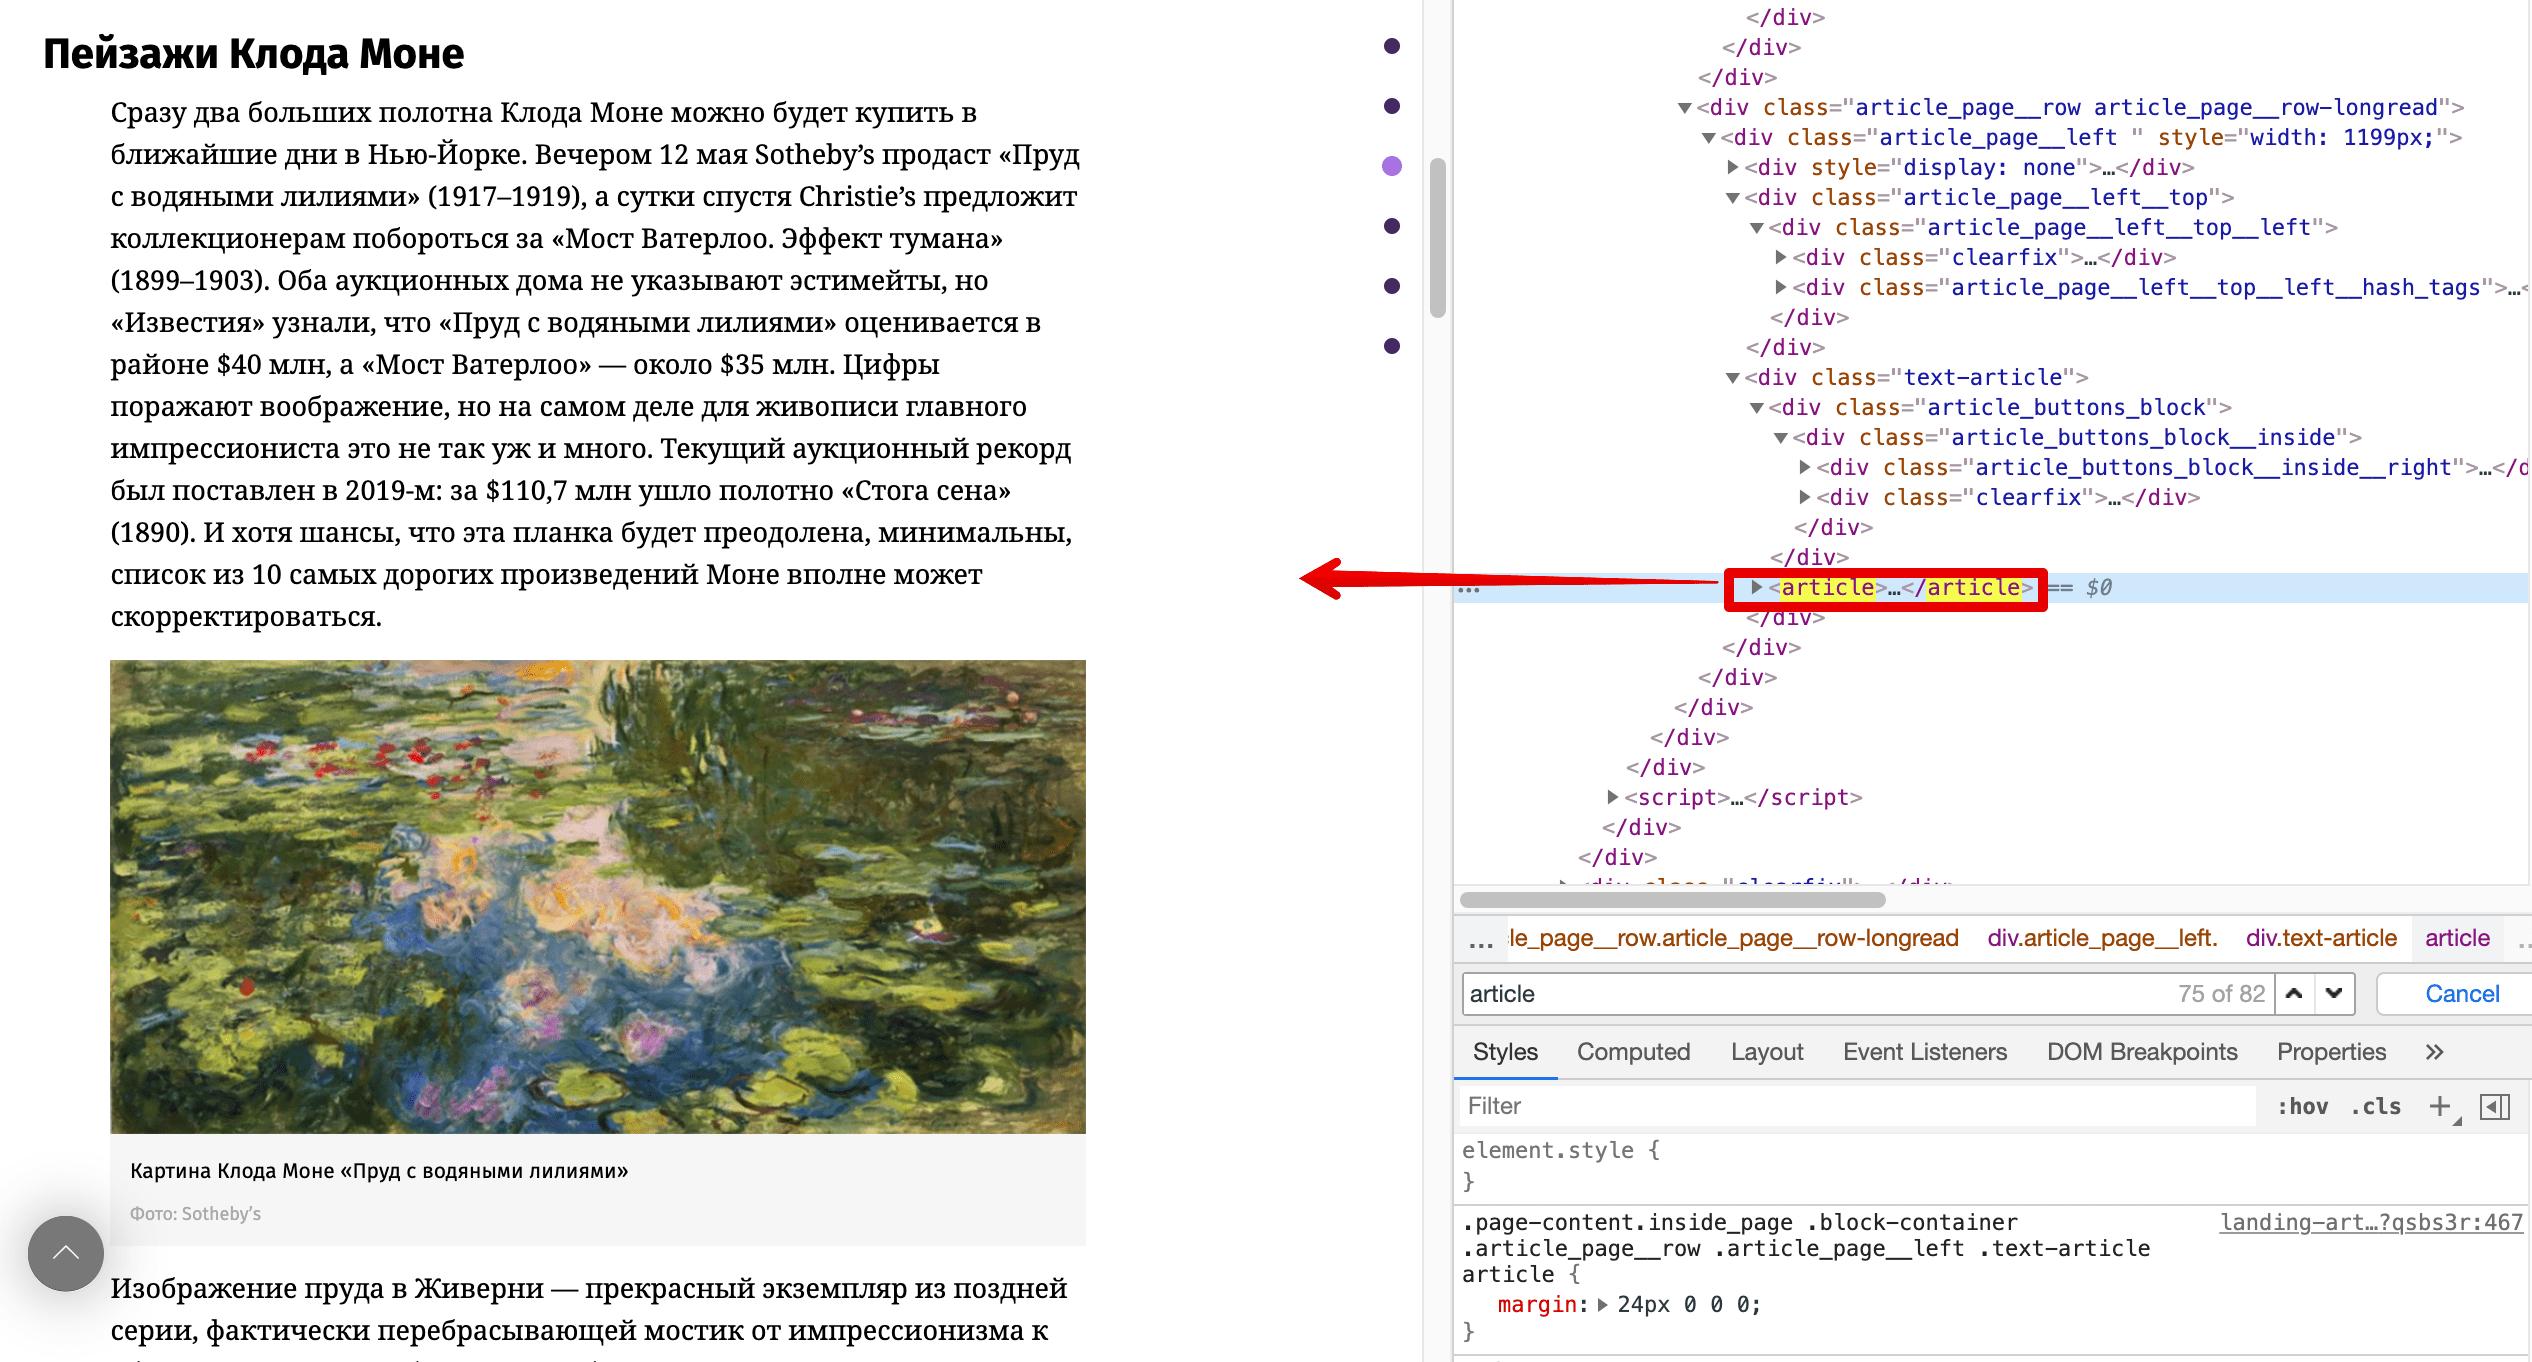 Код страницы с бесконечной прокруткой